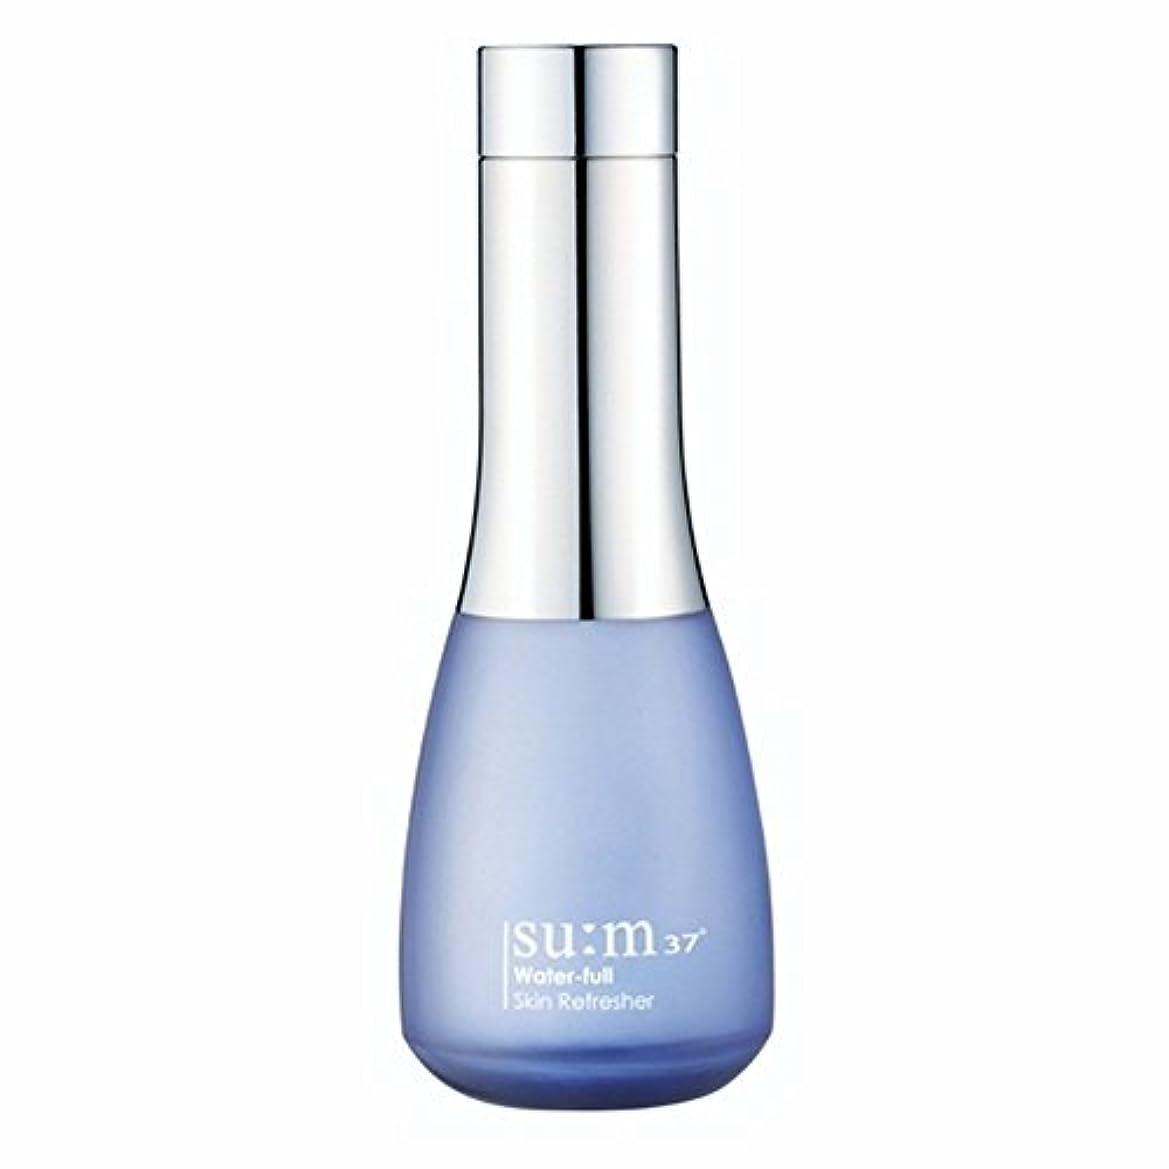 子豚道徳のとげのある[su:m37/スム37°] SUM37 Water-full Skin Refresher 170ml(並行輸入品)